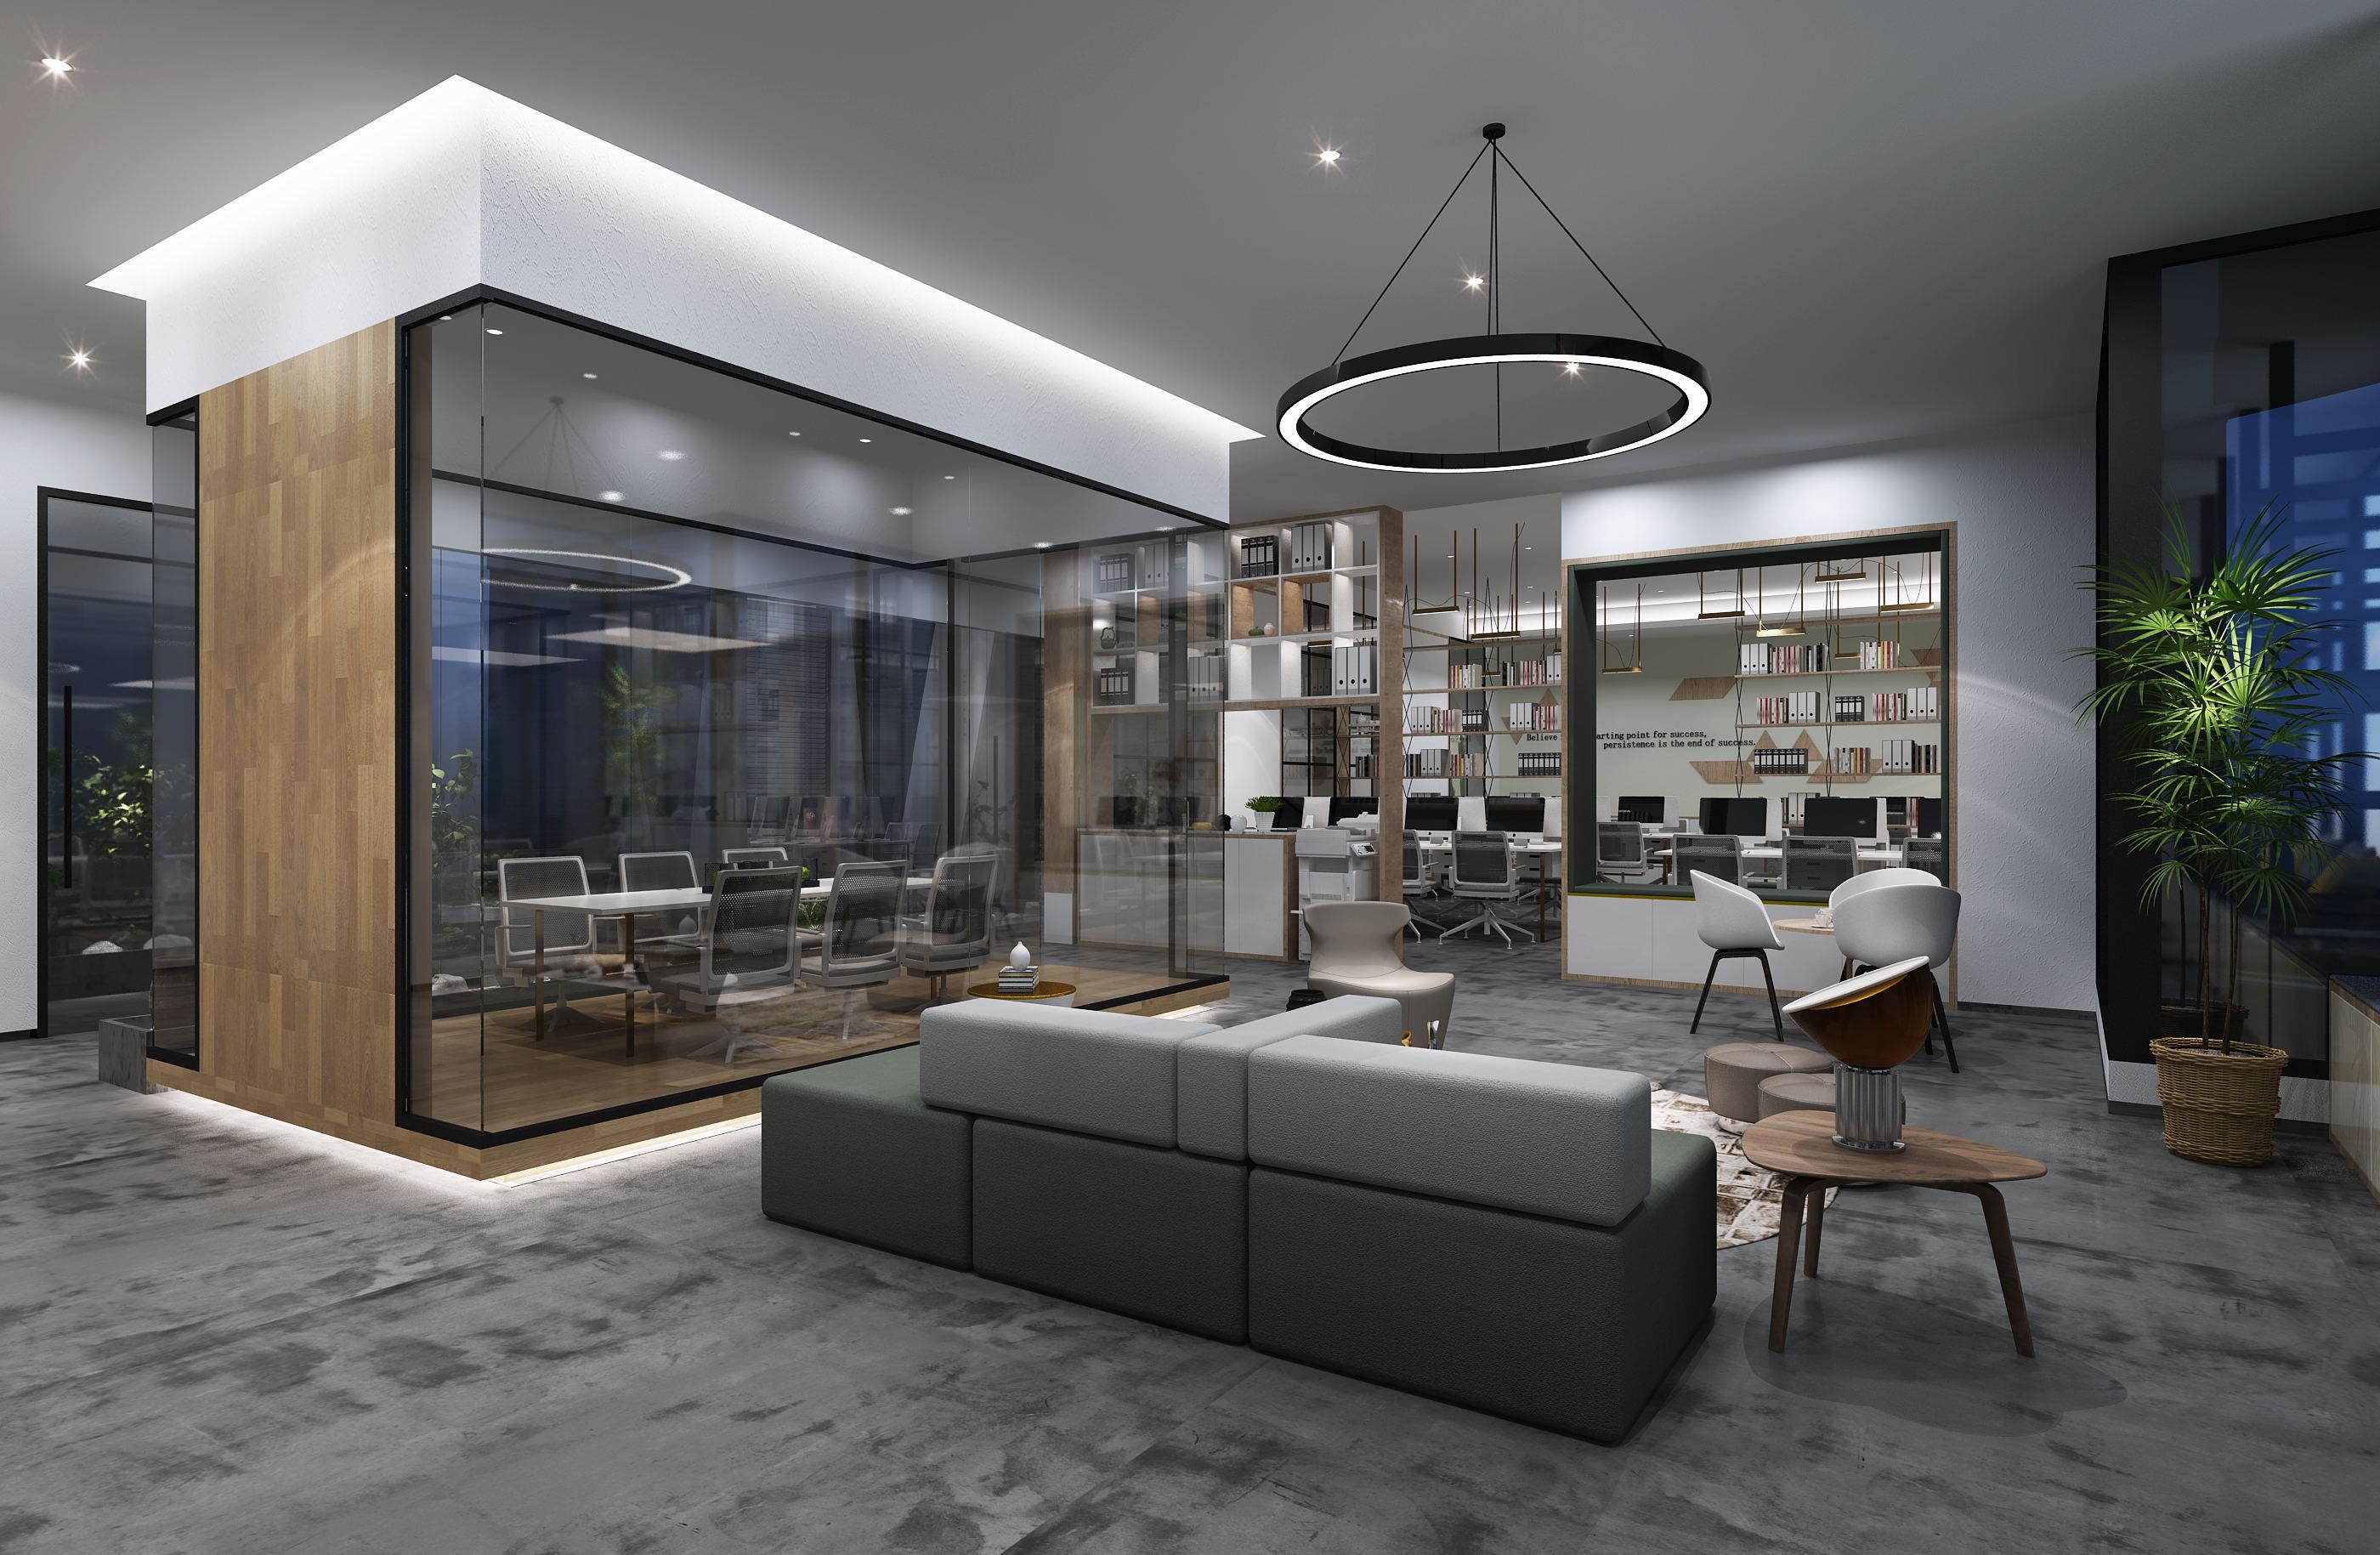 科技公司办公室-如何装饰更有格调?